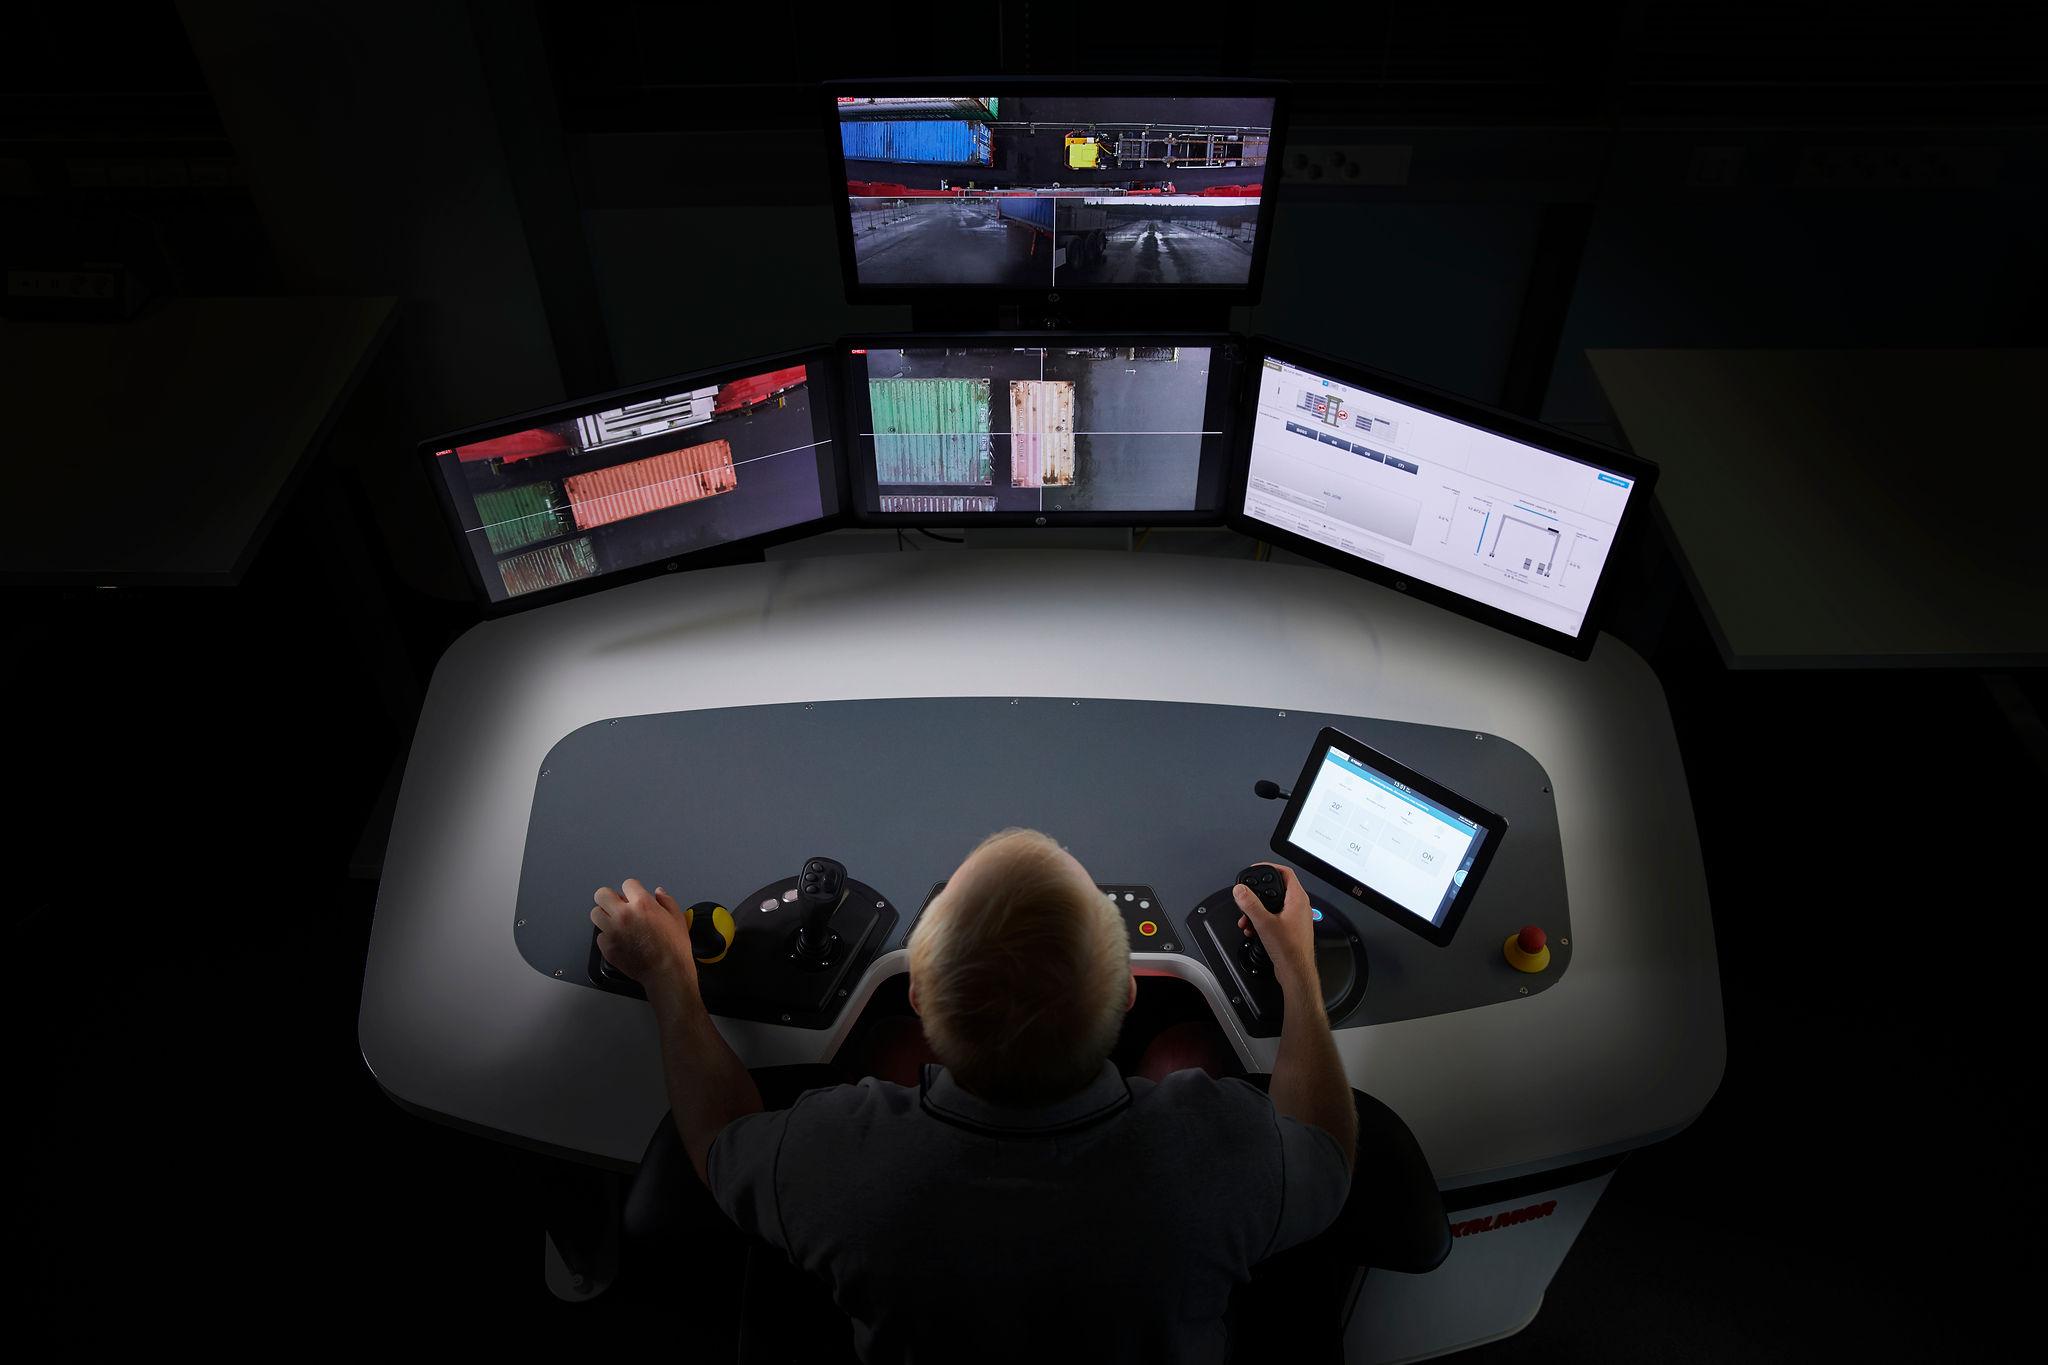 Egy pultról több gép is irányítható